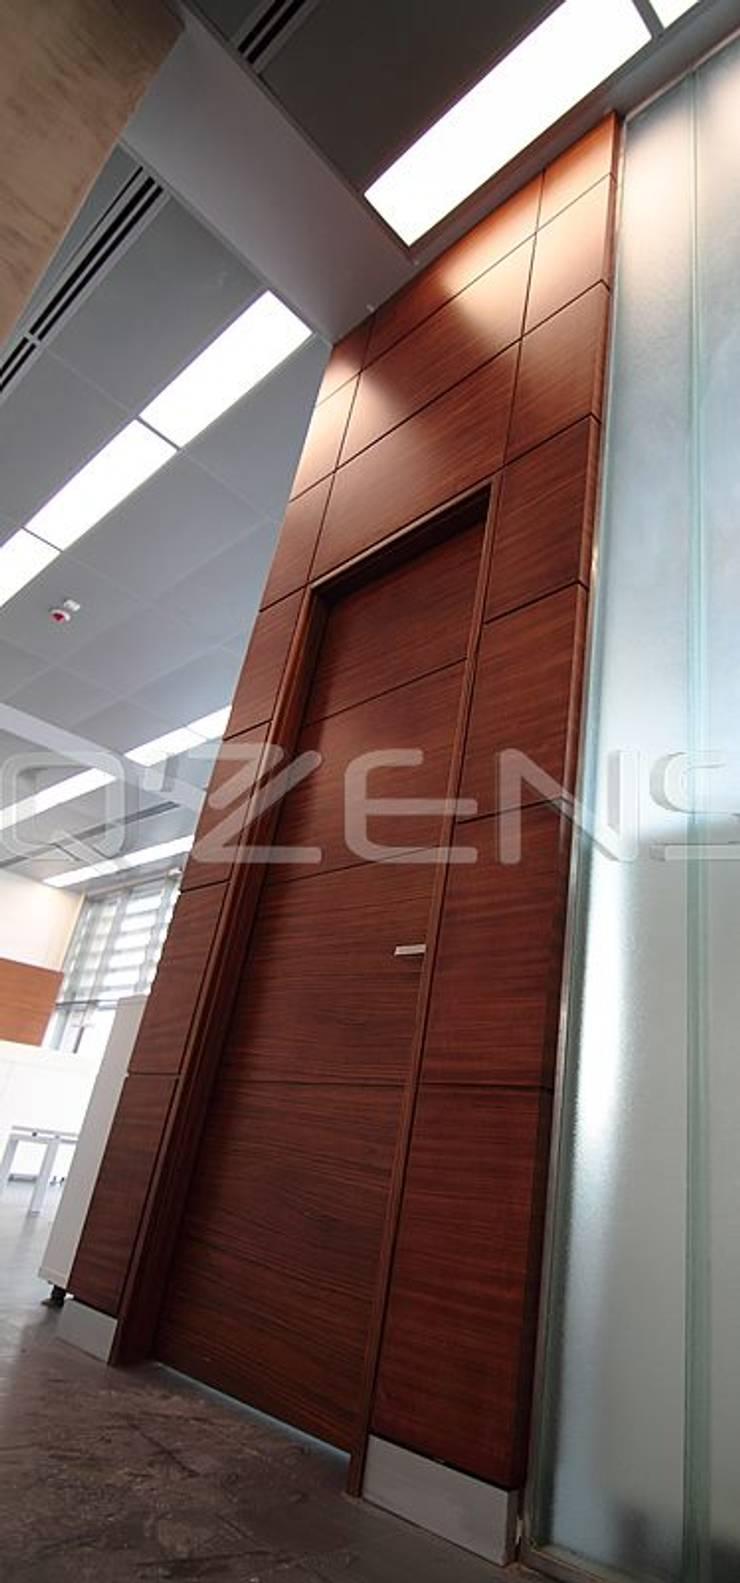 QZENS MOBİLYA – Merkez Bankası Bursa Hizmet Binası:  tarz Ofis Alanları